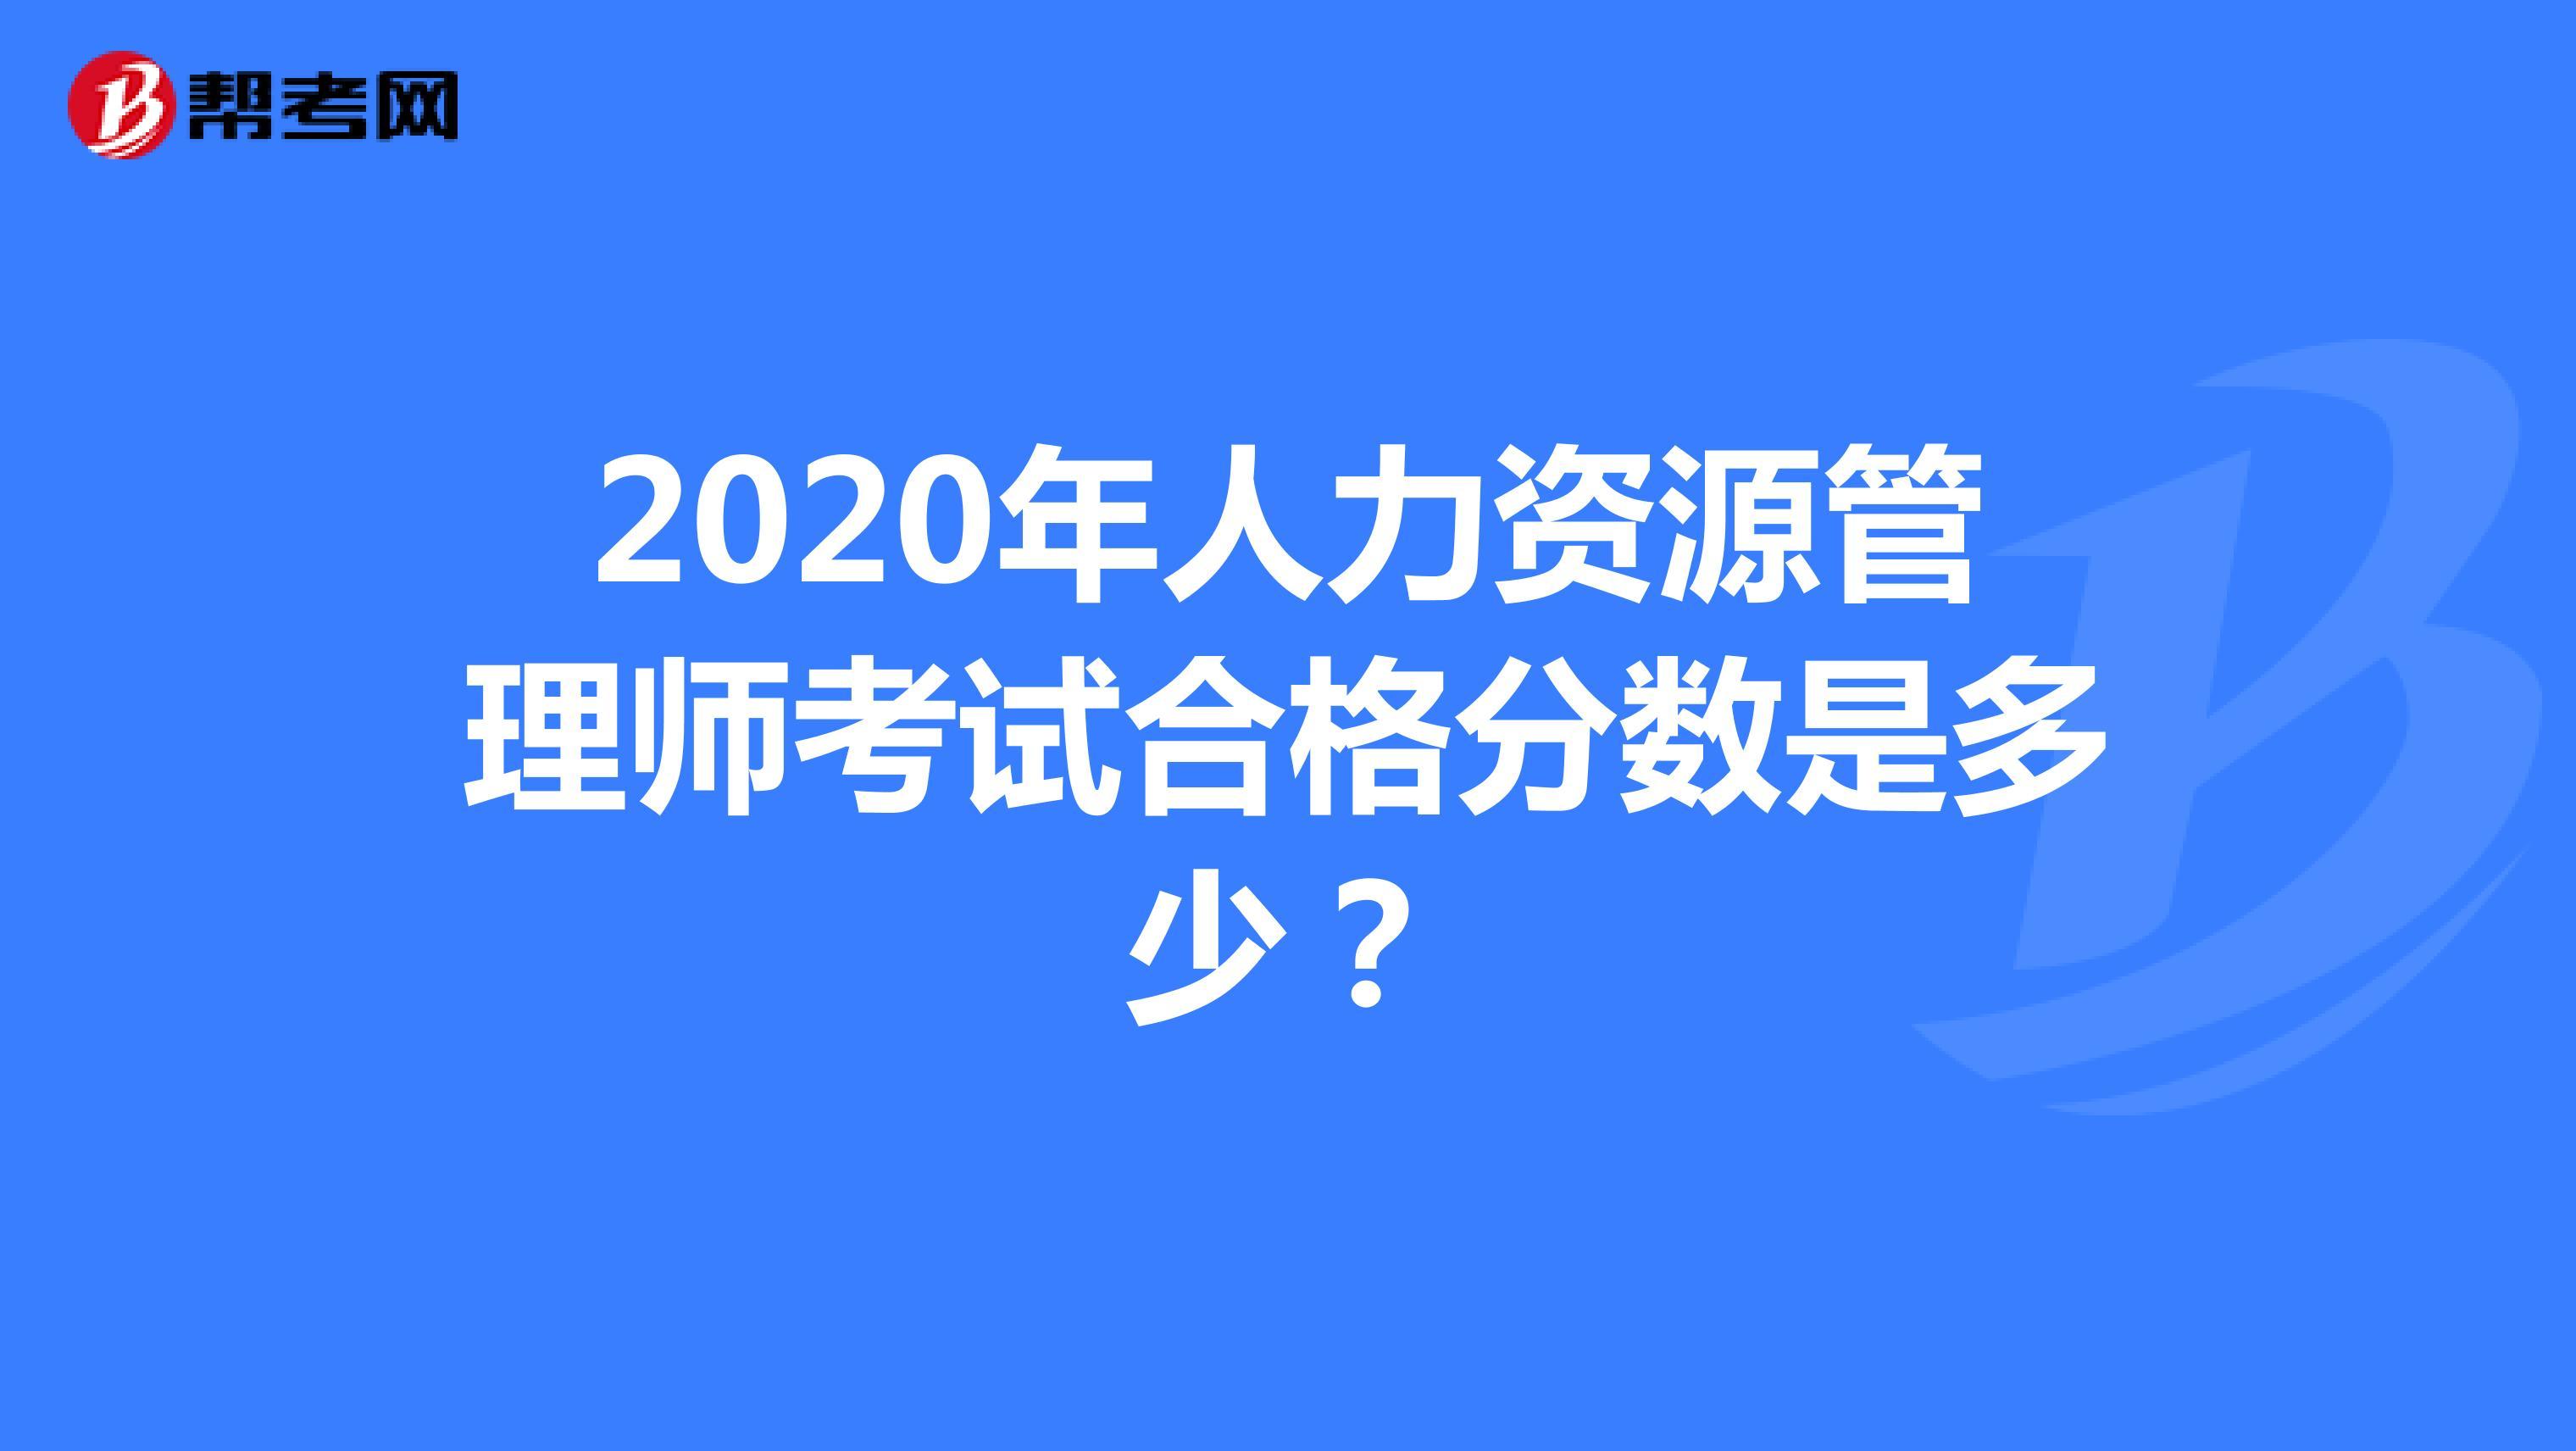 2020年人力资源管理师考试合格分数是多少?